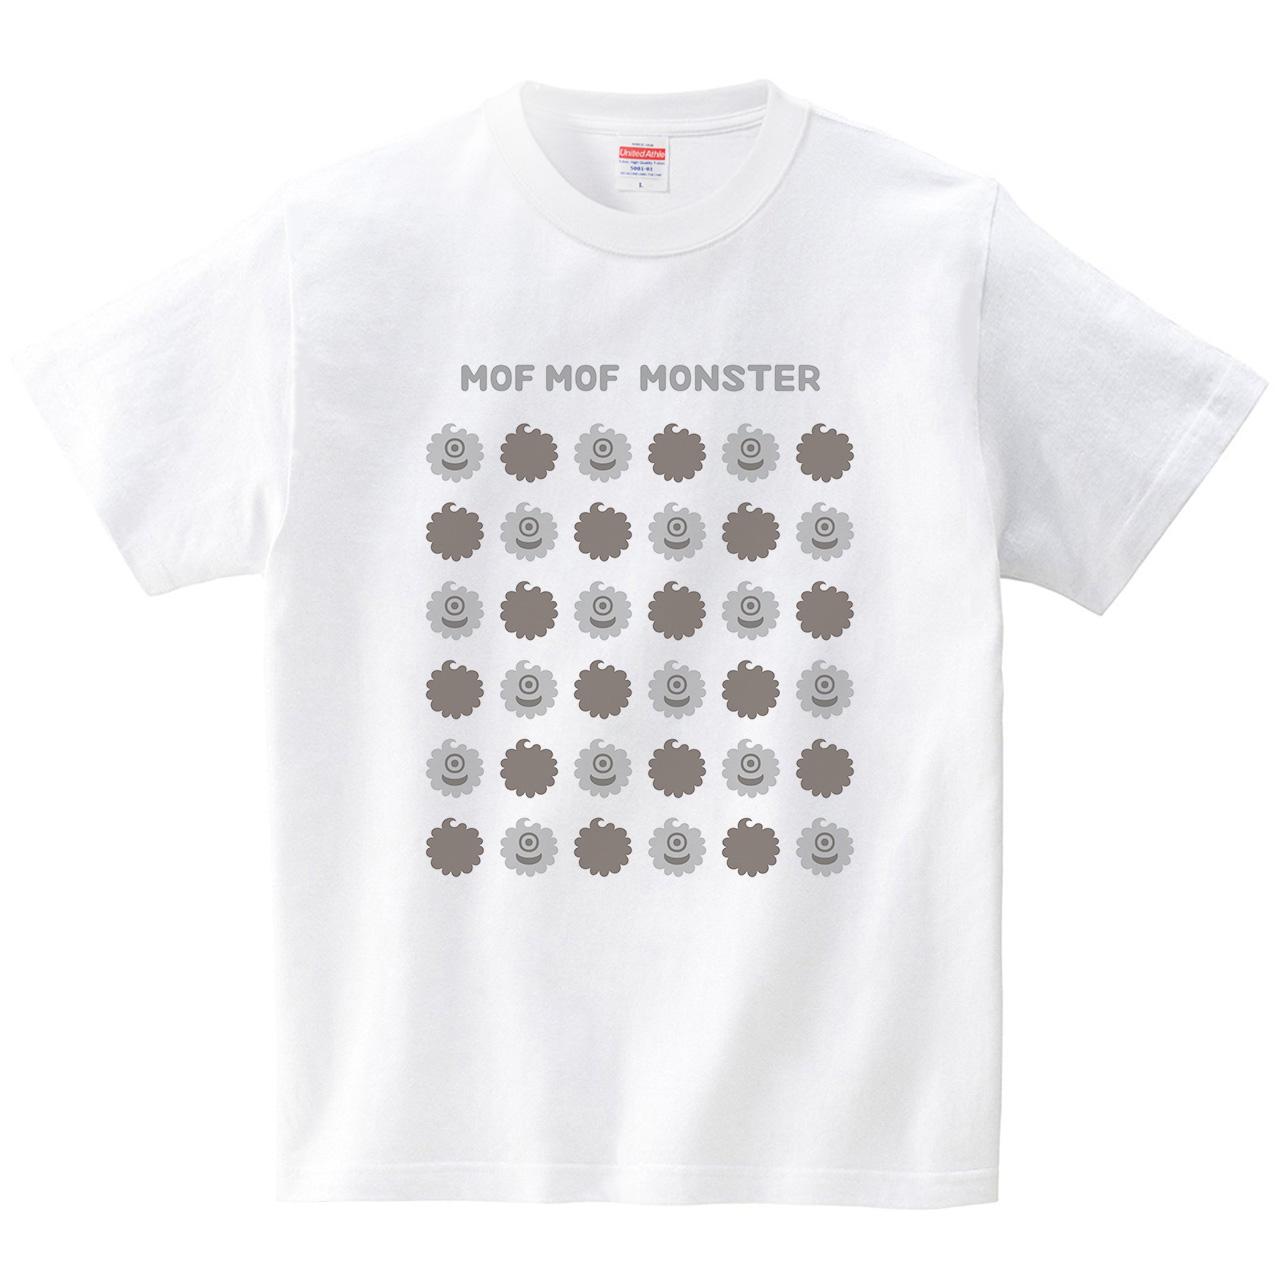 ハテナポップ モフモフモンスター1(Tシャツ・ホワイト)(tsukamotojunko)